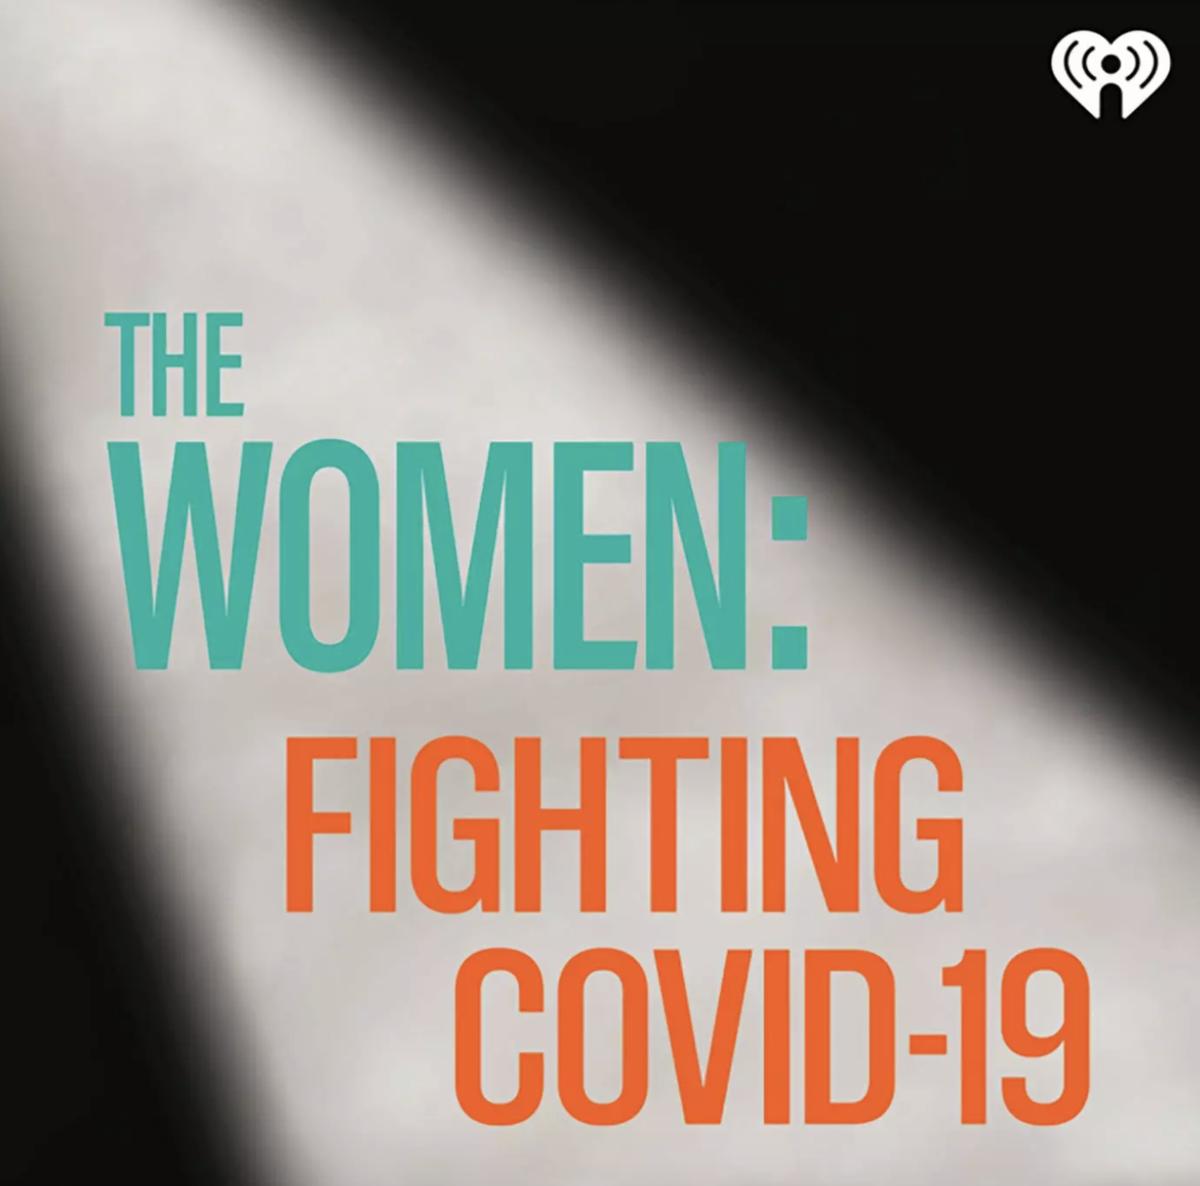 До закладок: подкаст про жінок, які борються з пандемією